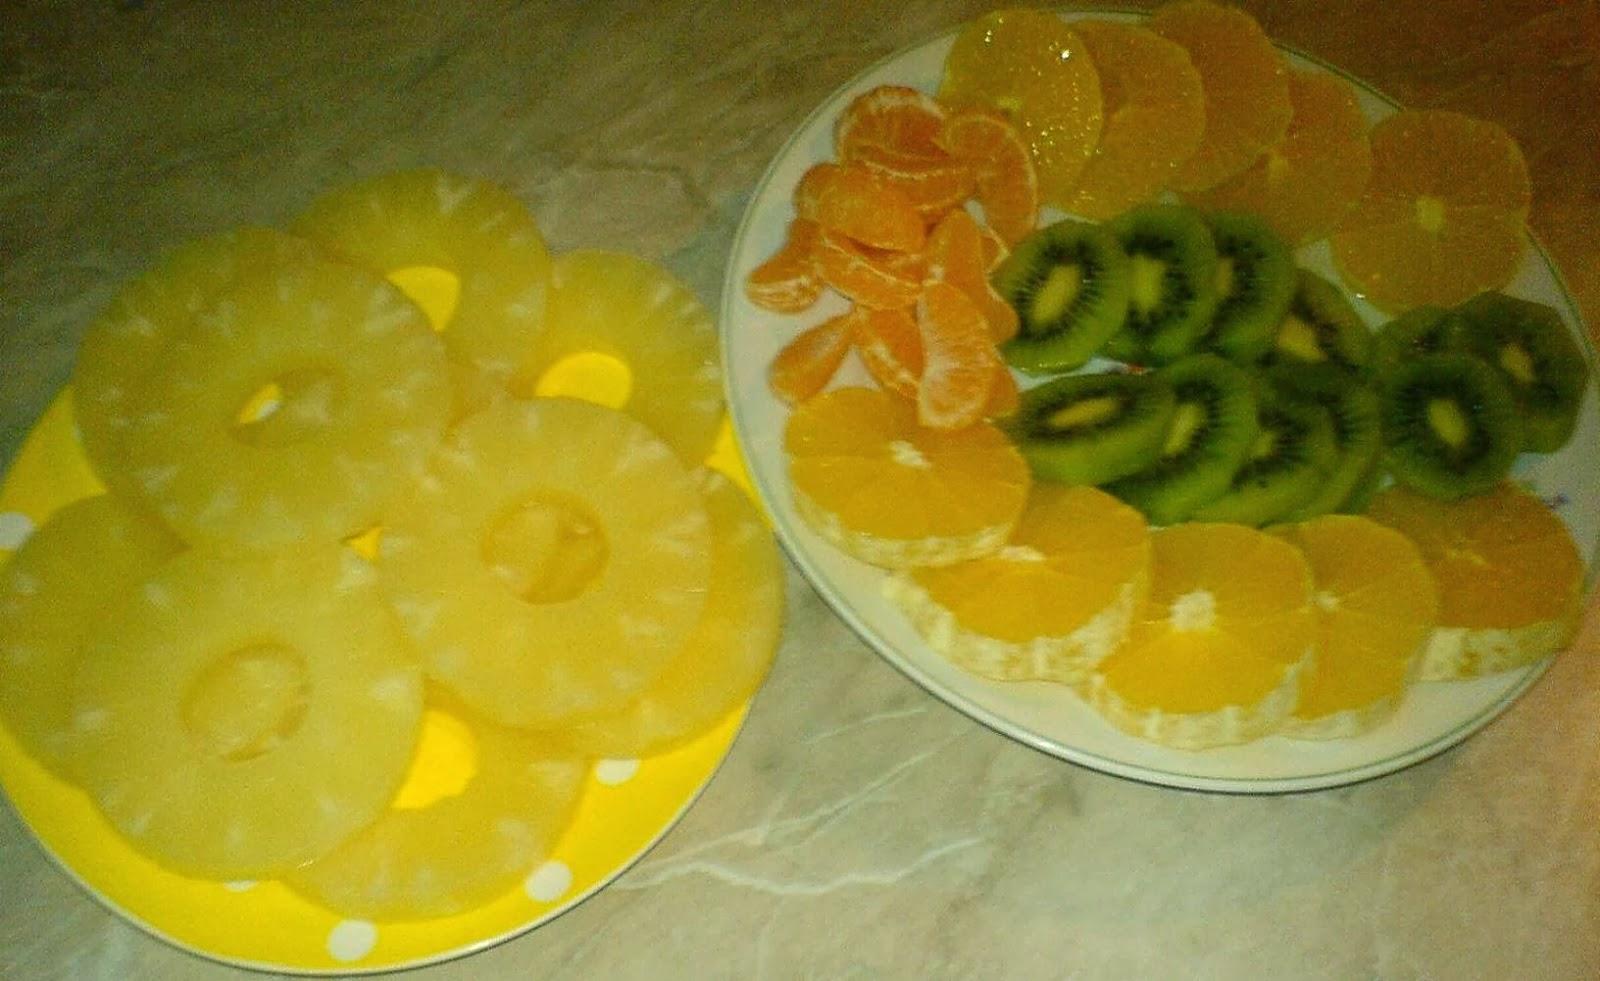 fructe pentru tort diplomat, preparare tort diplomat, preparare tort diplomat cu fructe, cum se prepara tortul diplomat cu fructe, cum se face tortul diplomat, cum facem tort diplomat,